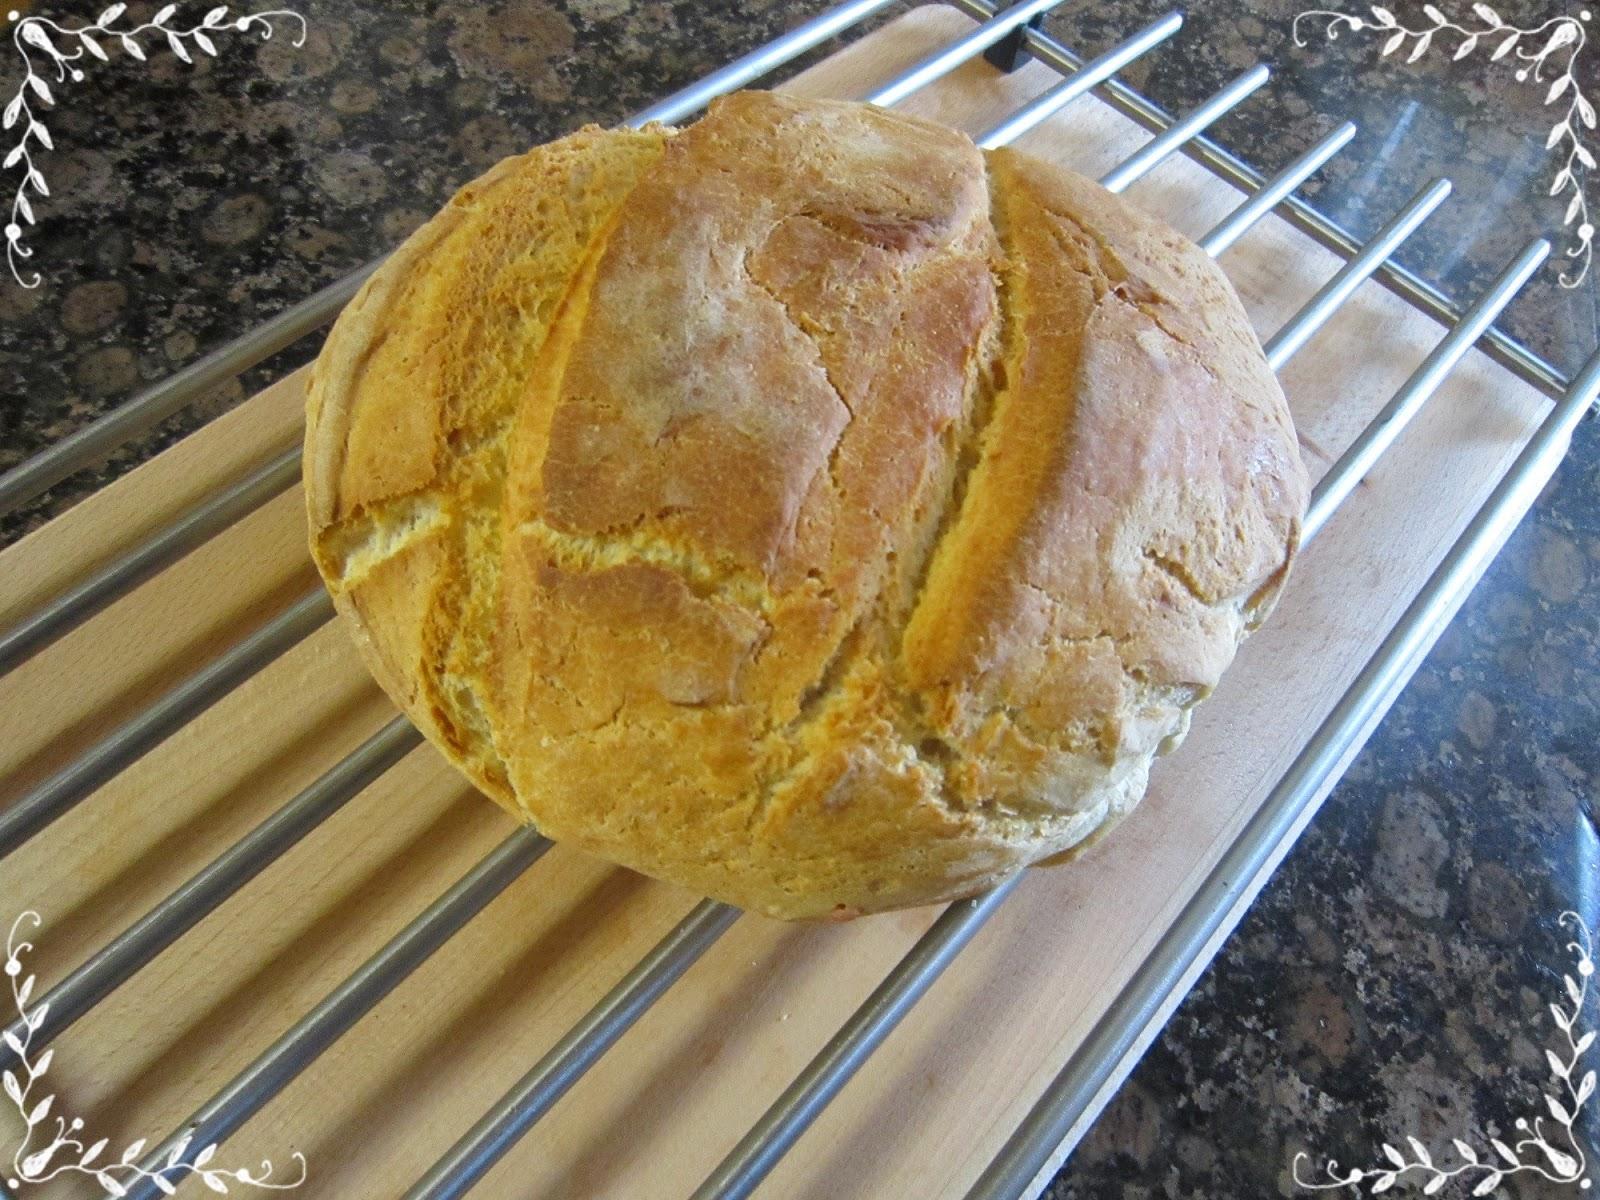 Pan rápido sin levado, con horno en frío